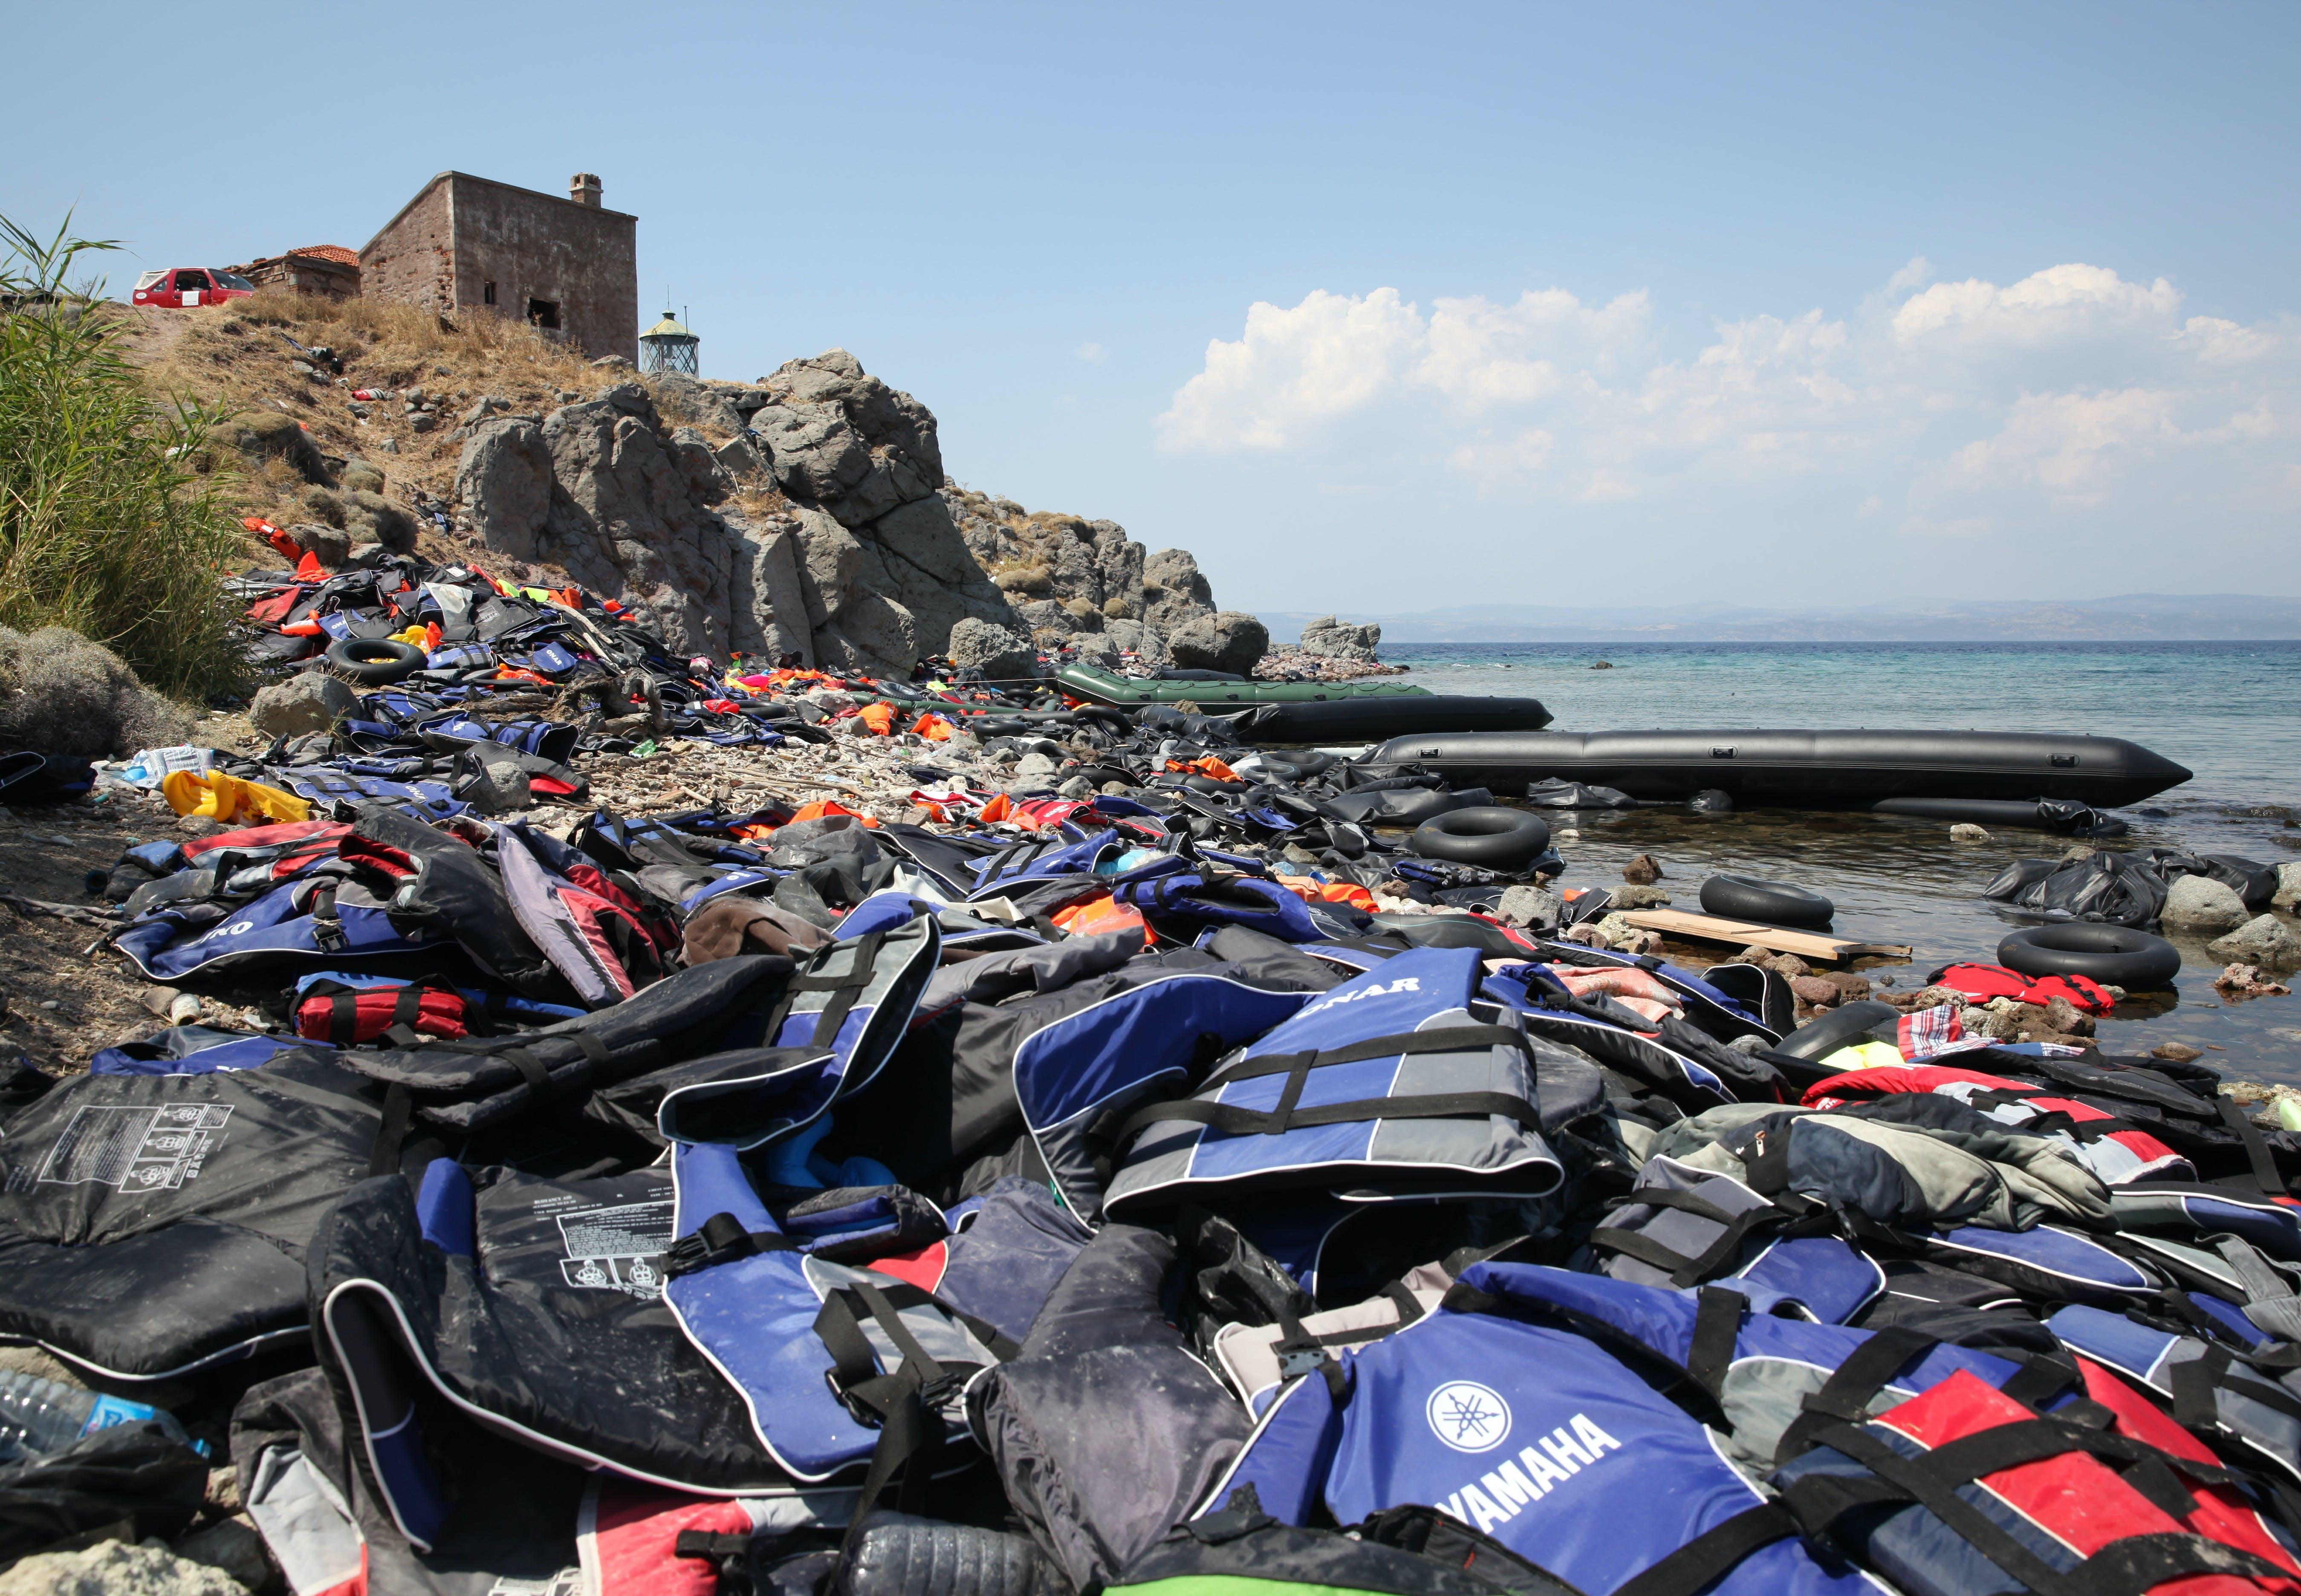 Bådeflygtningene orienterer sig efter fyrtårnet på Lesbos. Danske arkitekter skal hjælpe med at bygge trapper på klippesiderne.